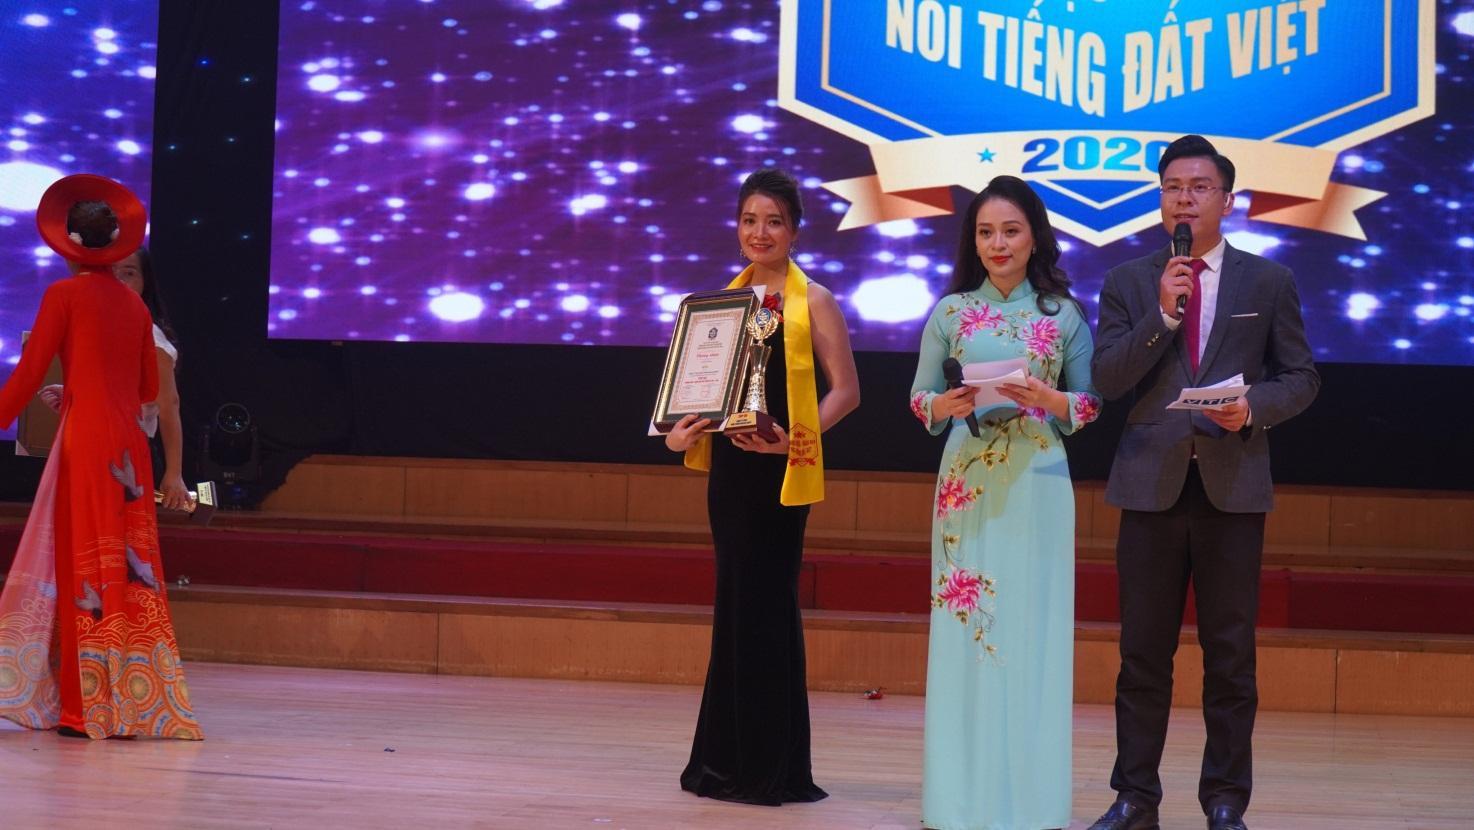 WAKE MAN – Tự hào là sản phẩm mang nhãn hiệu xuất sắc Đất Việt năm 2020 - Ảnh 3